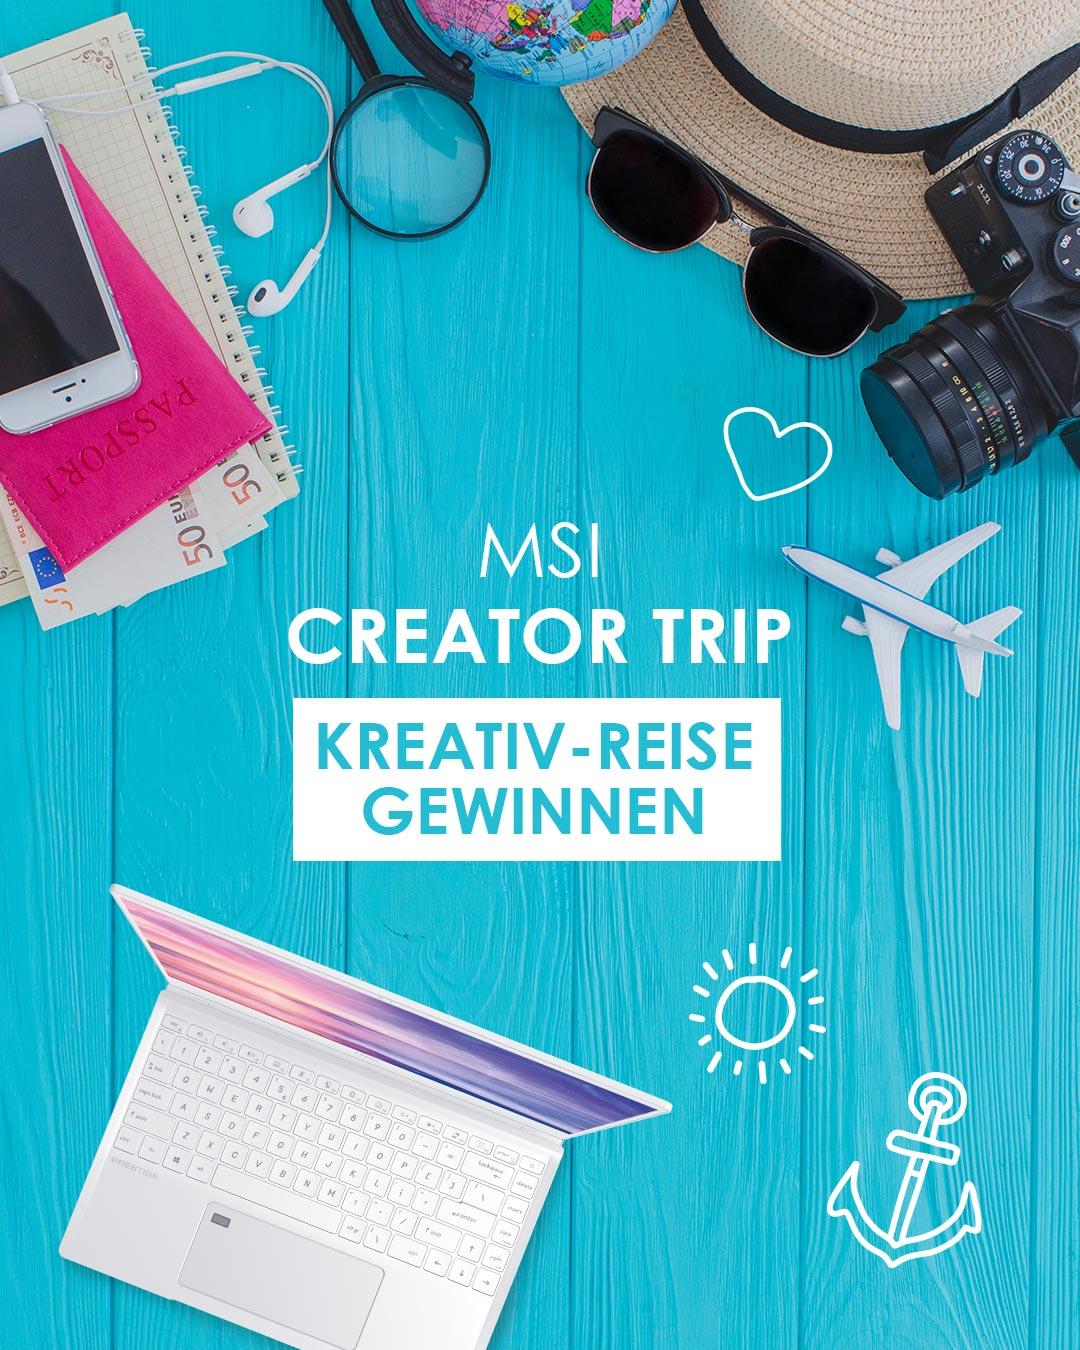 MSI Creator Trip